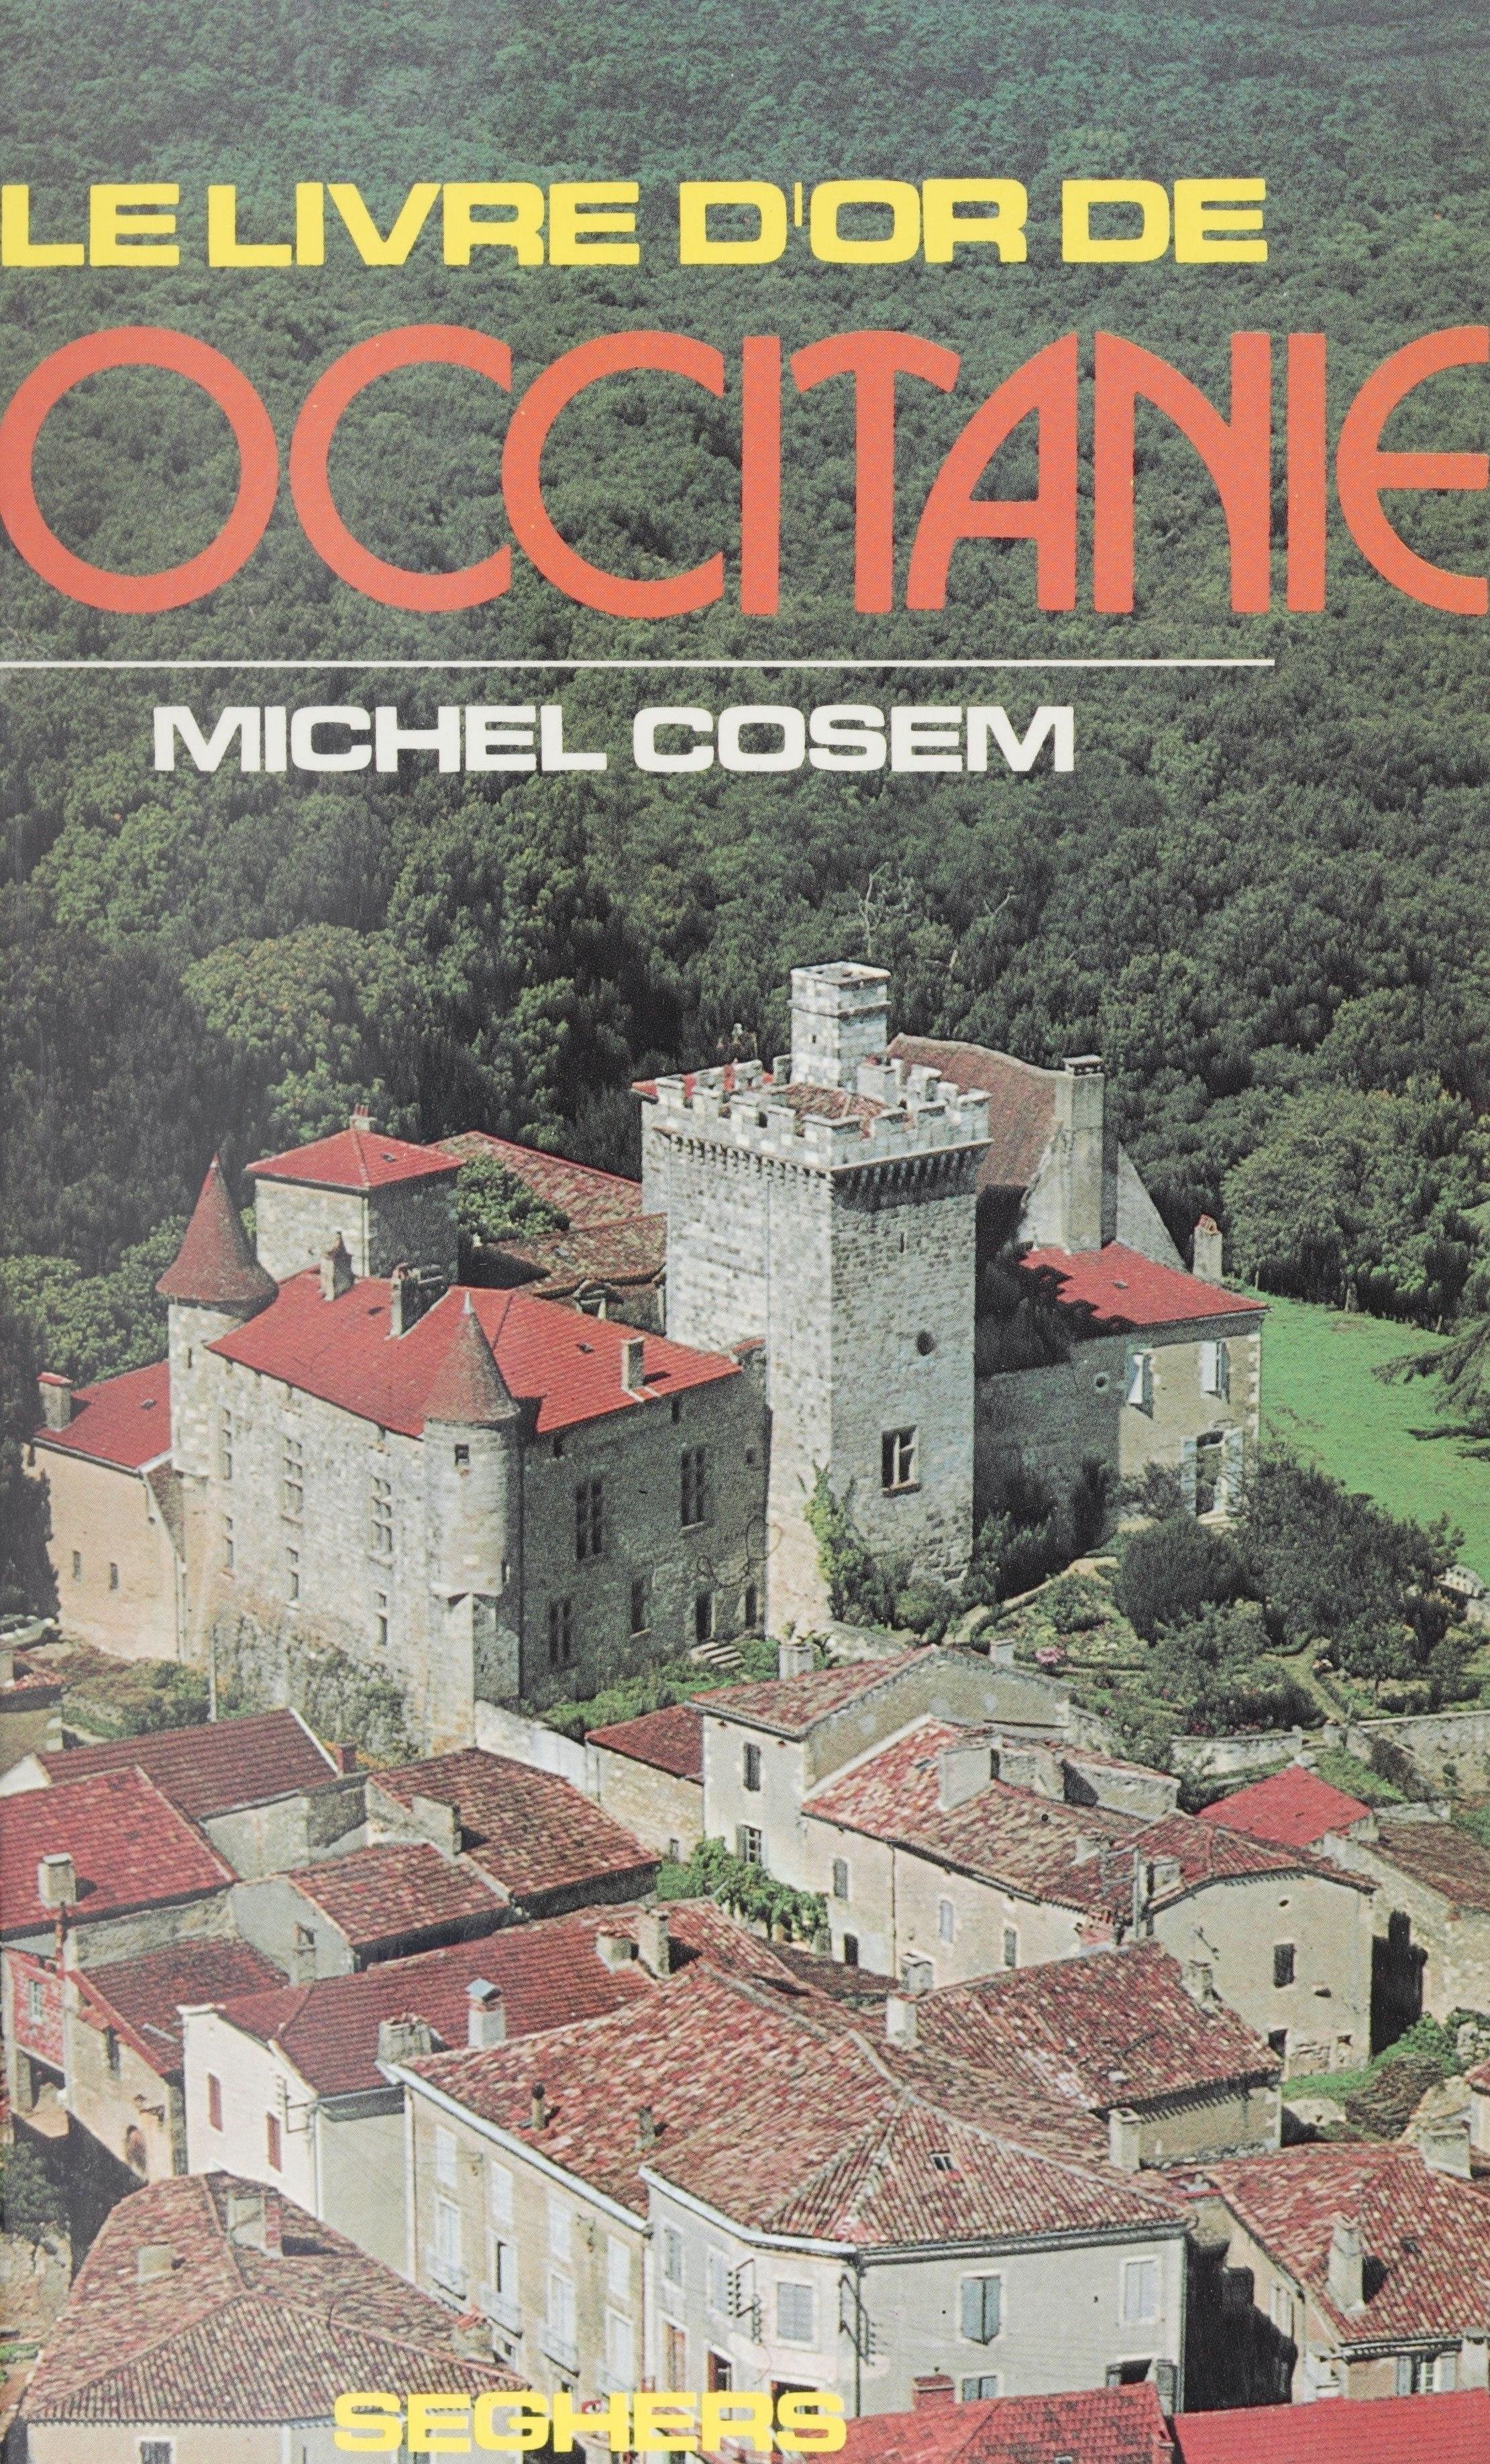 Le livre d'or de l'Occitanie